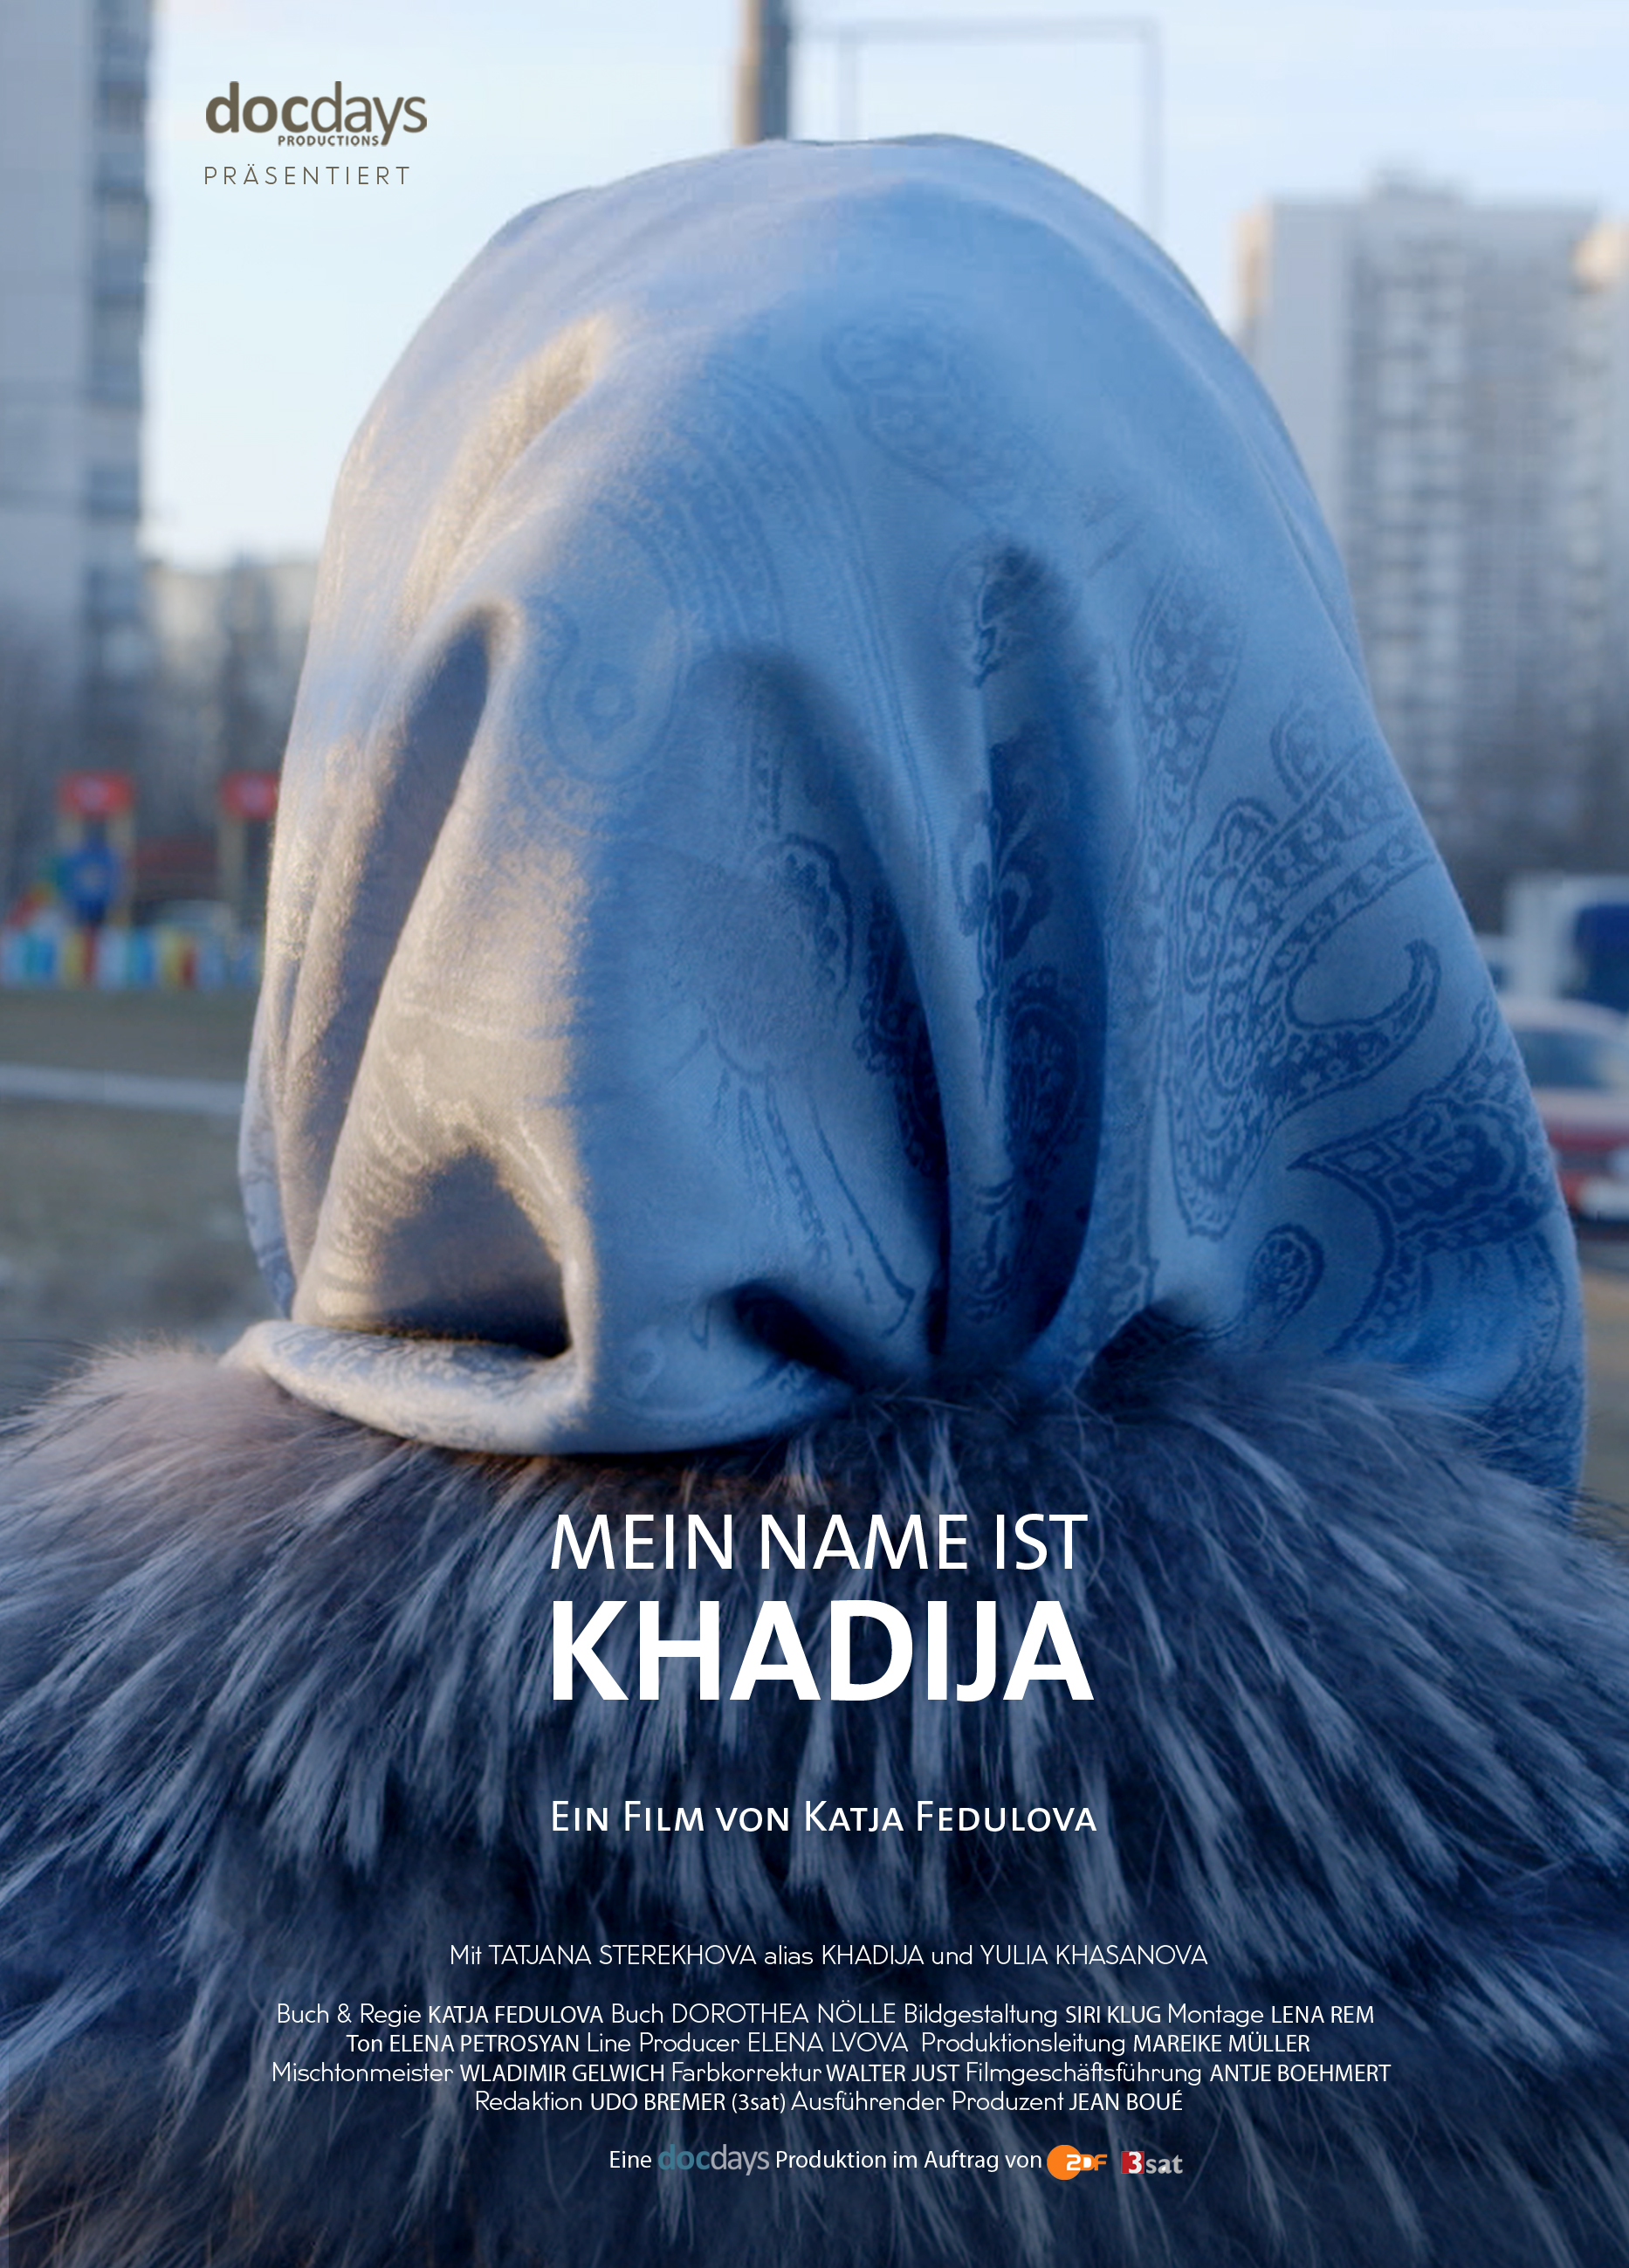 My Name is Khadija (2015) - IMDb